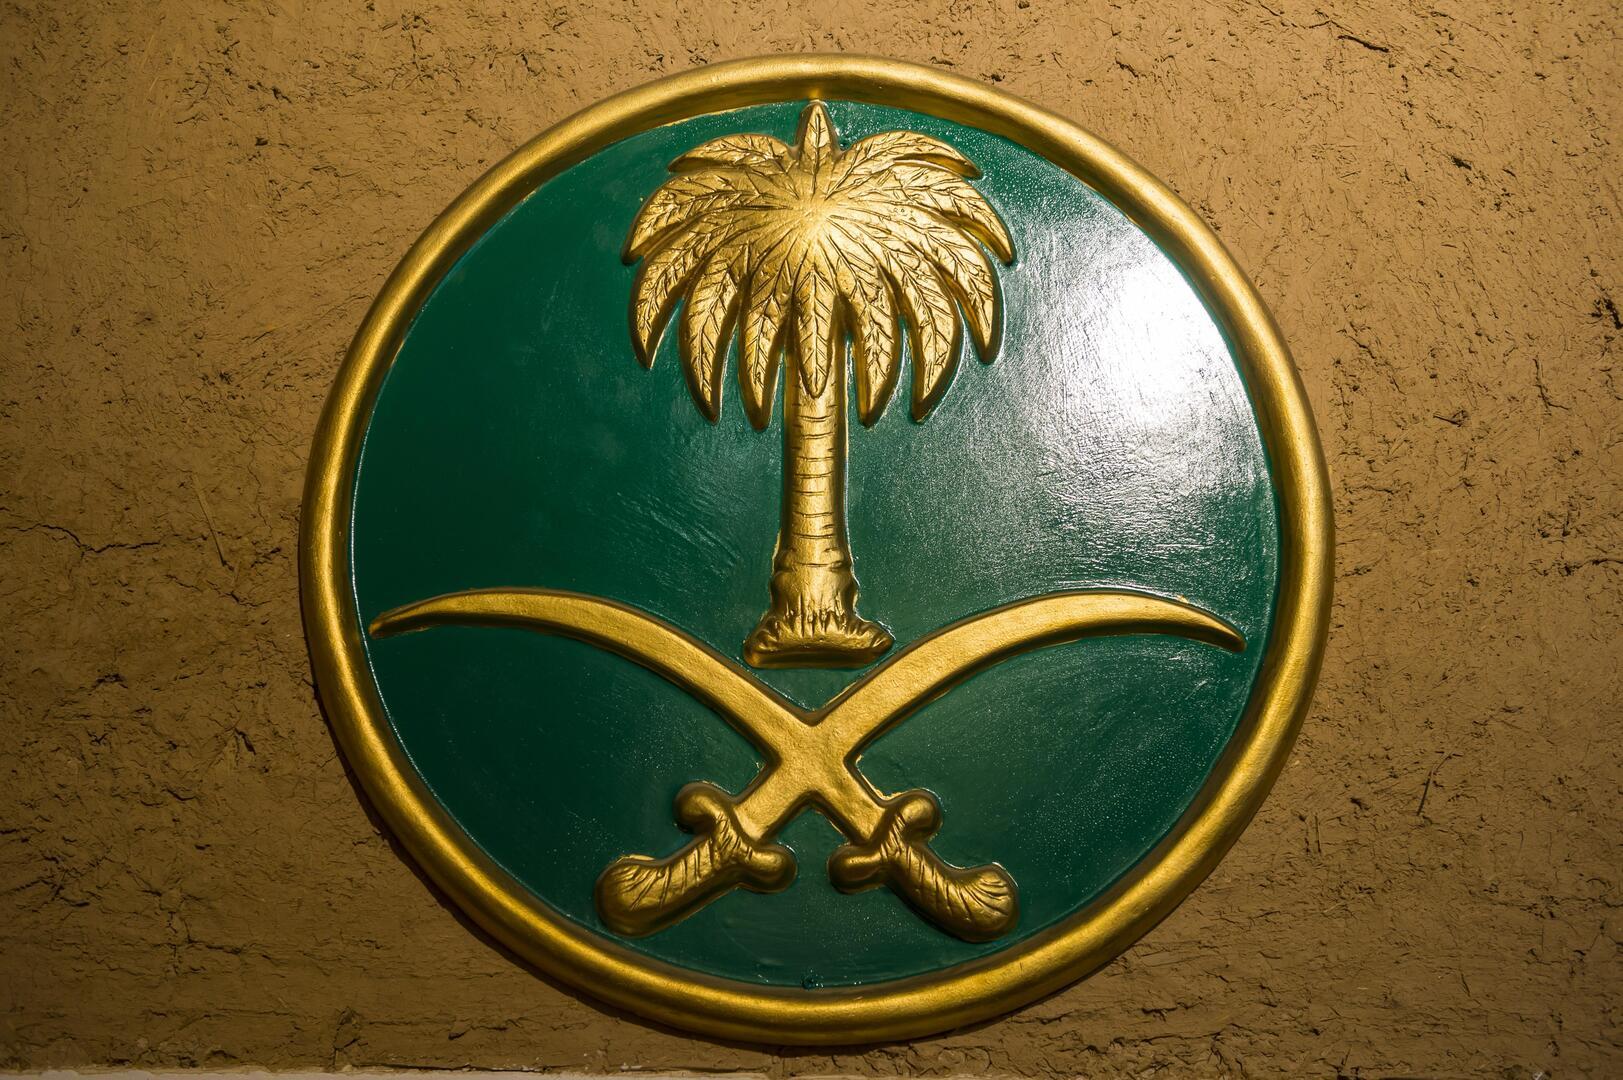 السعودية: أطلقنا مشروعا طموحا لتوطين الصناعات العسكرية